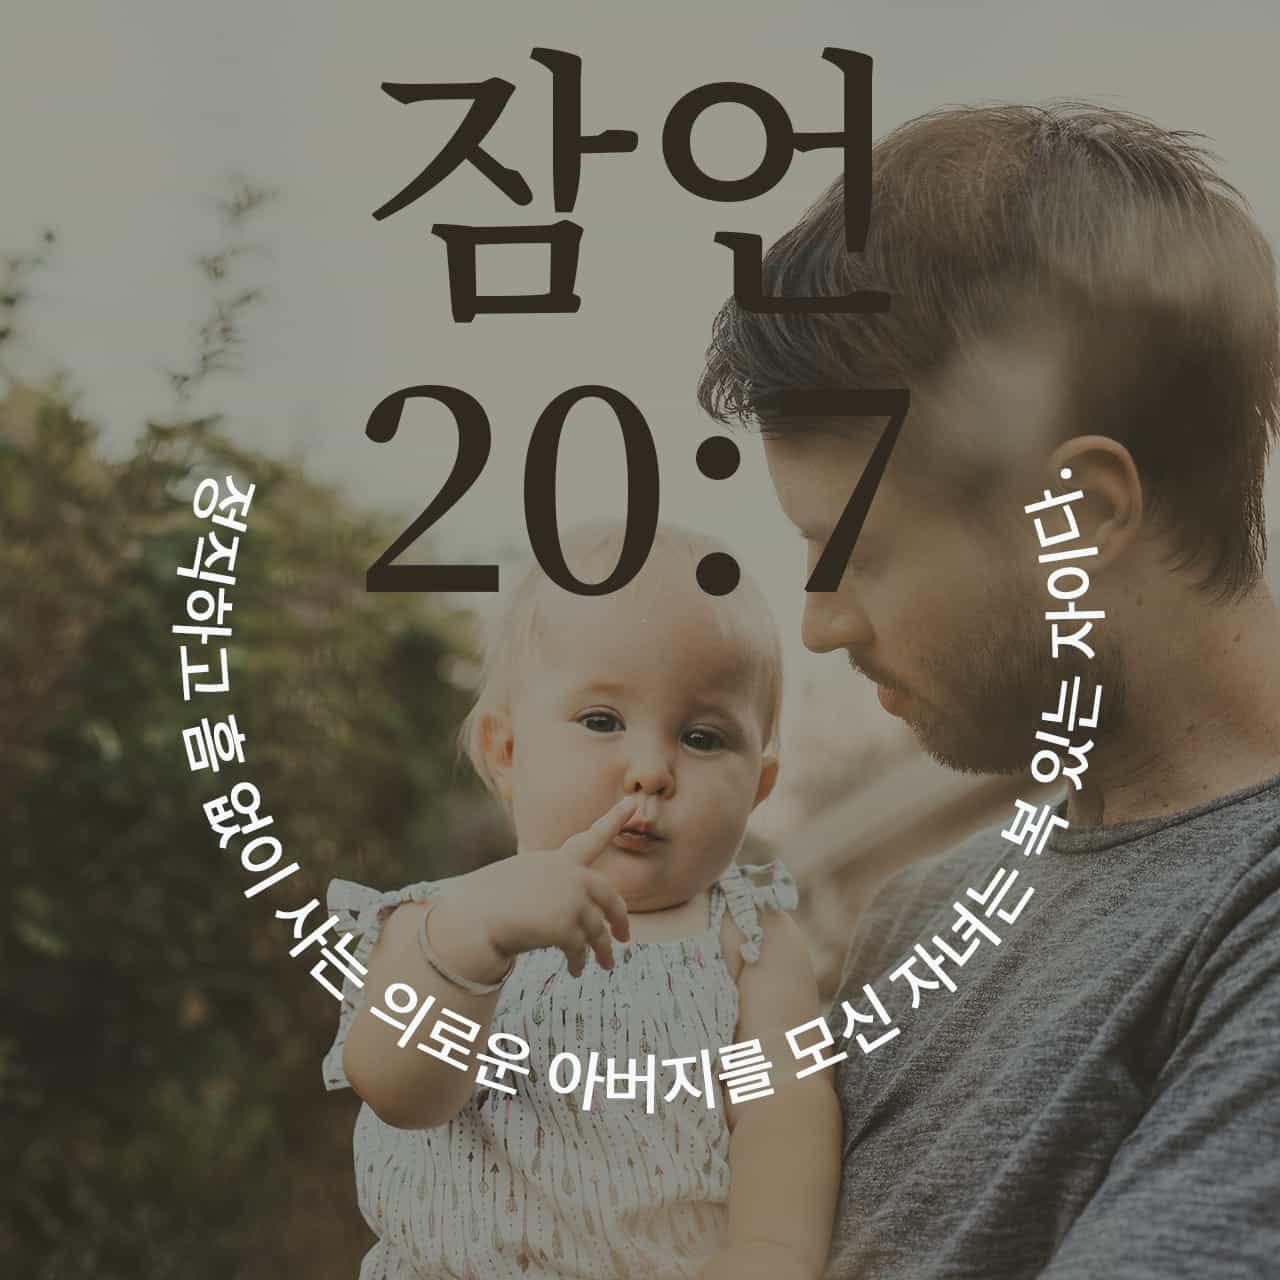 잠언 20:7 말씀 이미지